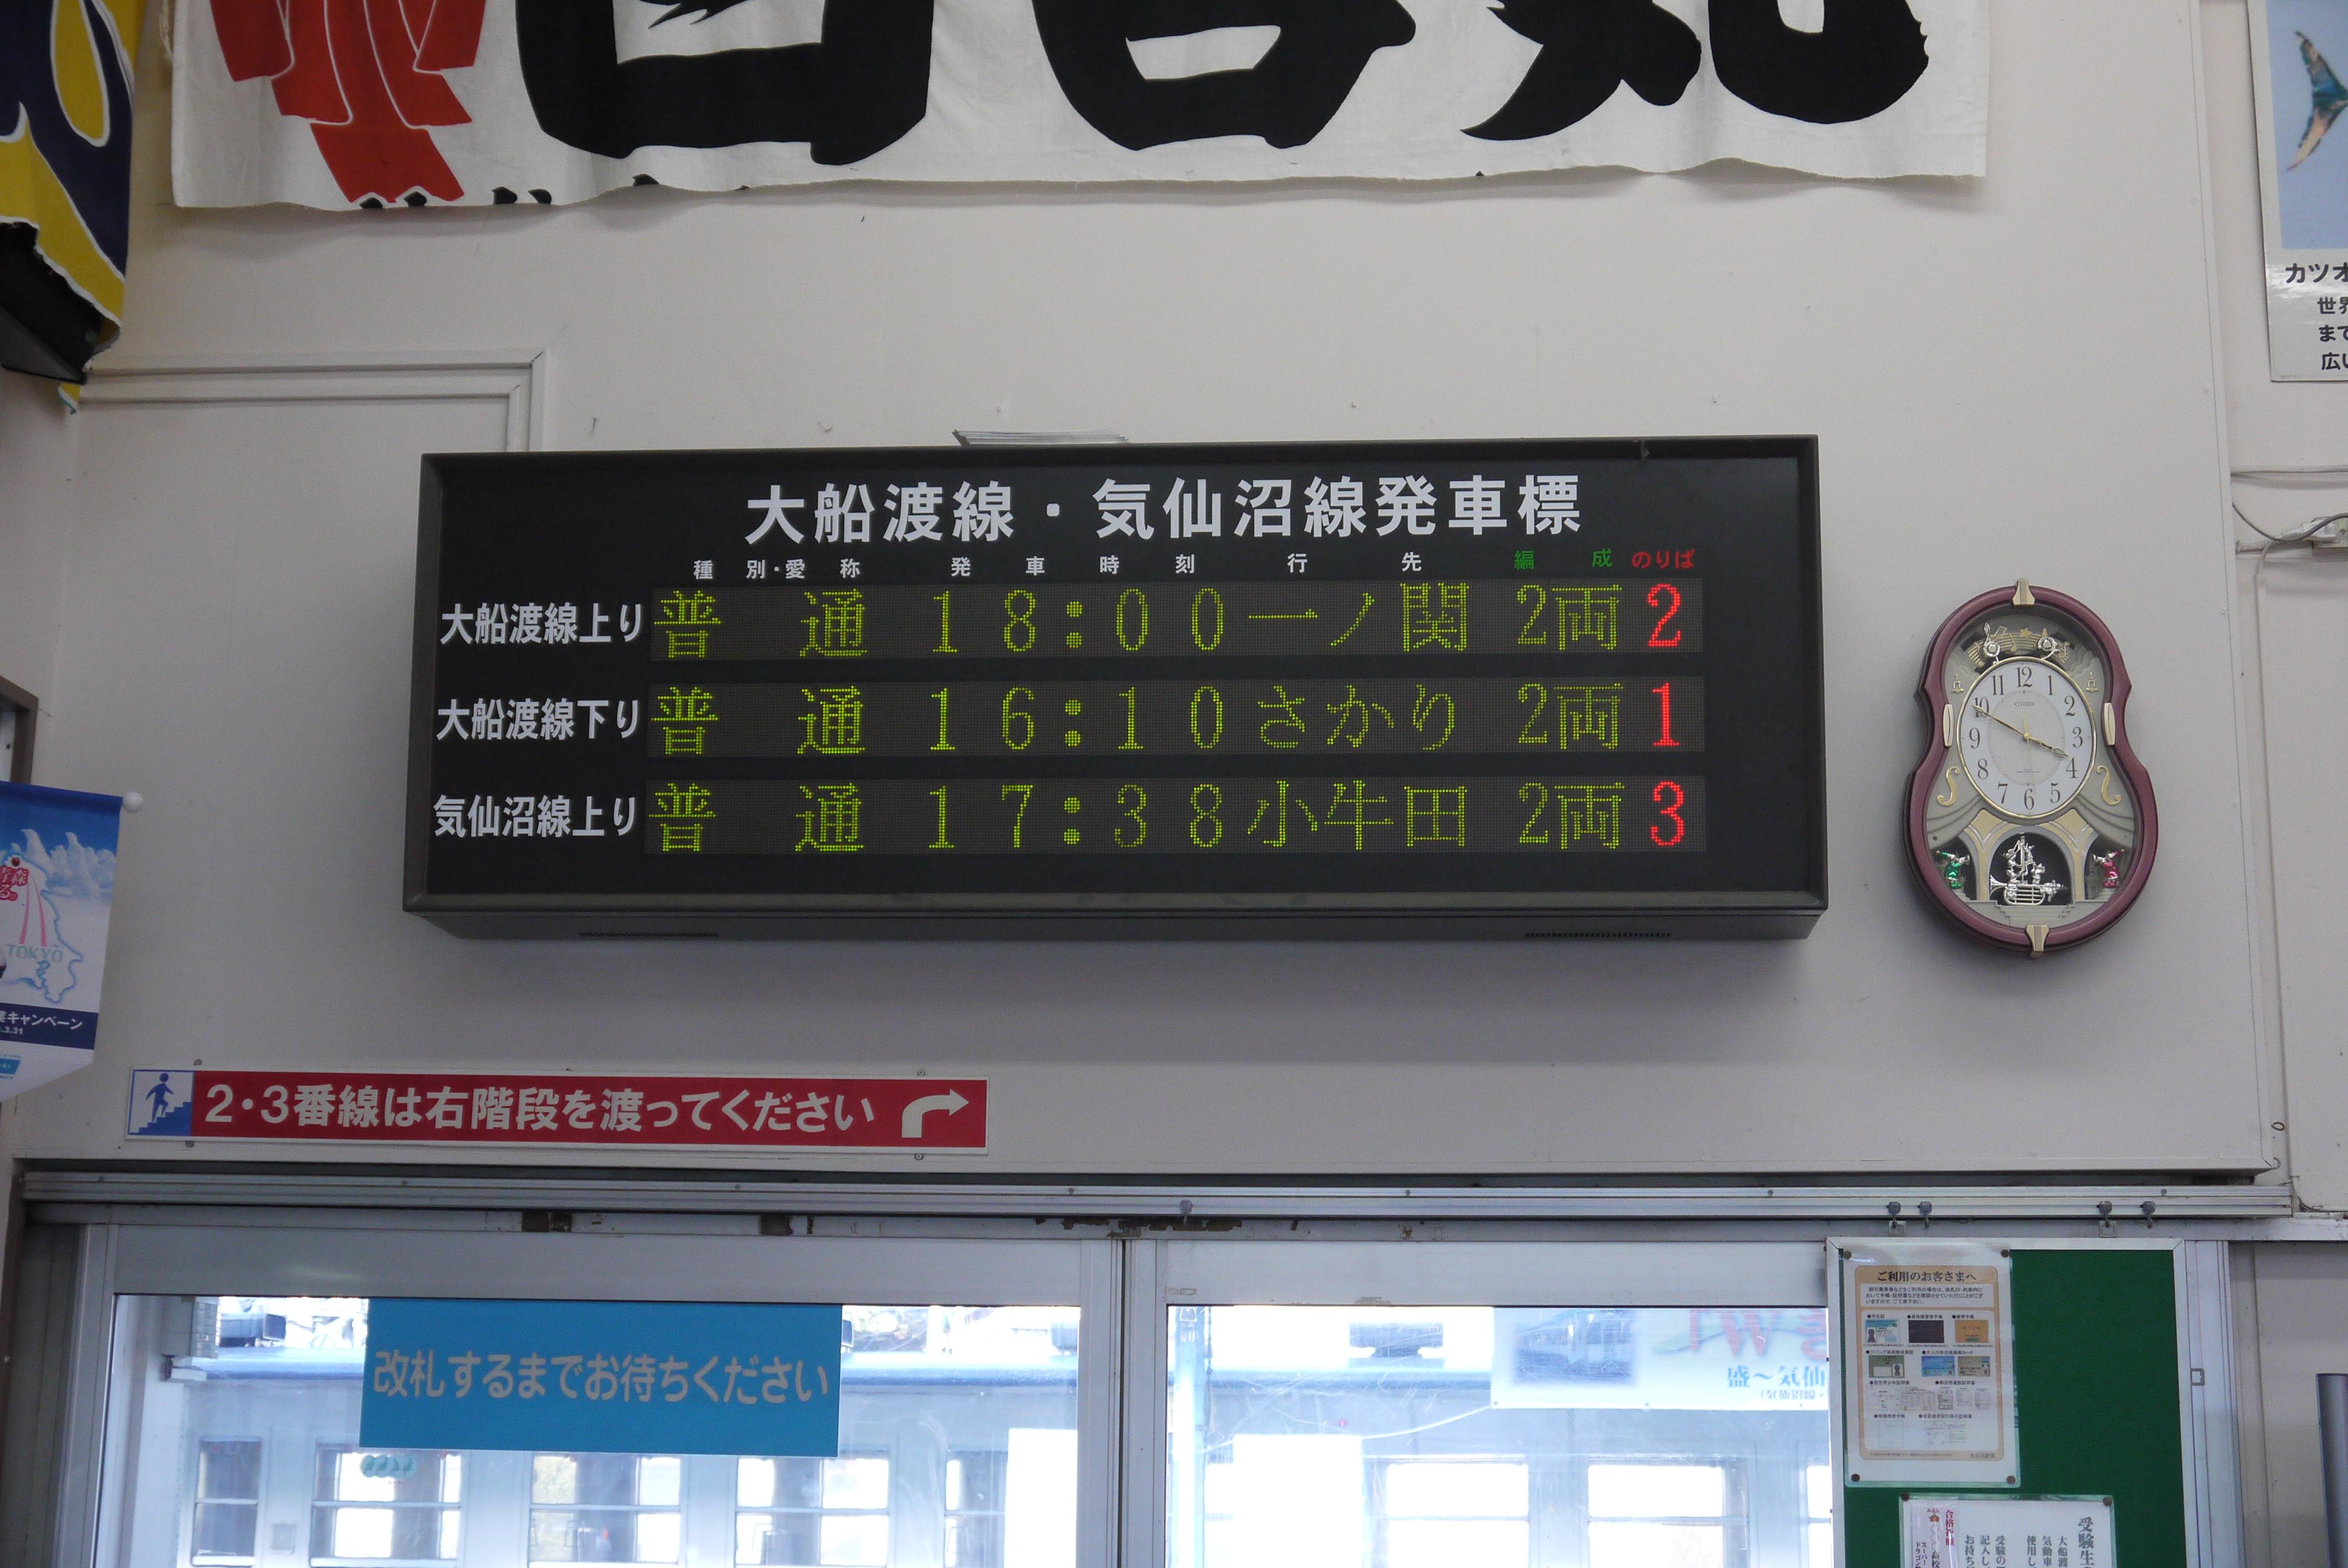 2011年の震災1週間前に旅行した、東北~北海道の旅行の様子を追記、続きをアップしました